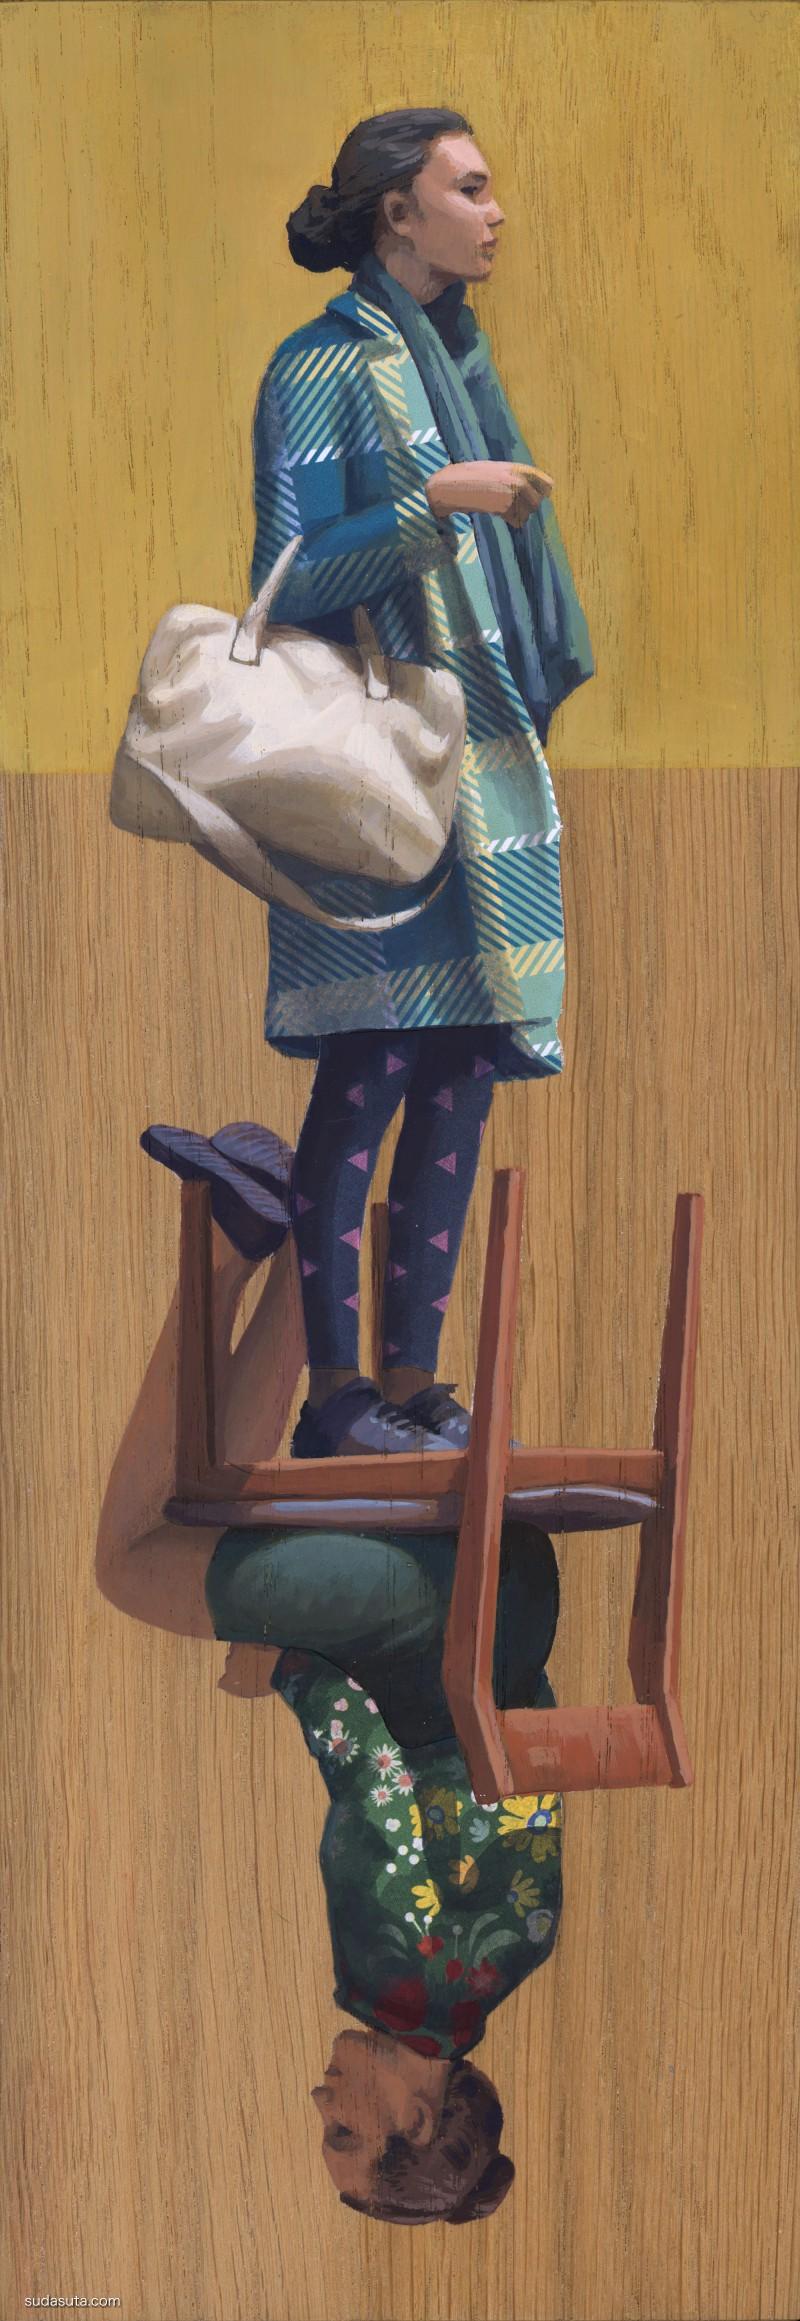 Cinta Vidal 椅子的两面